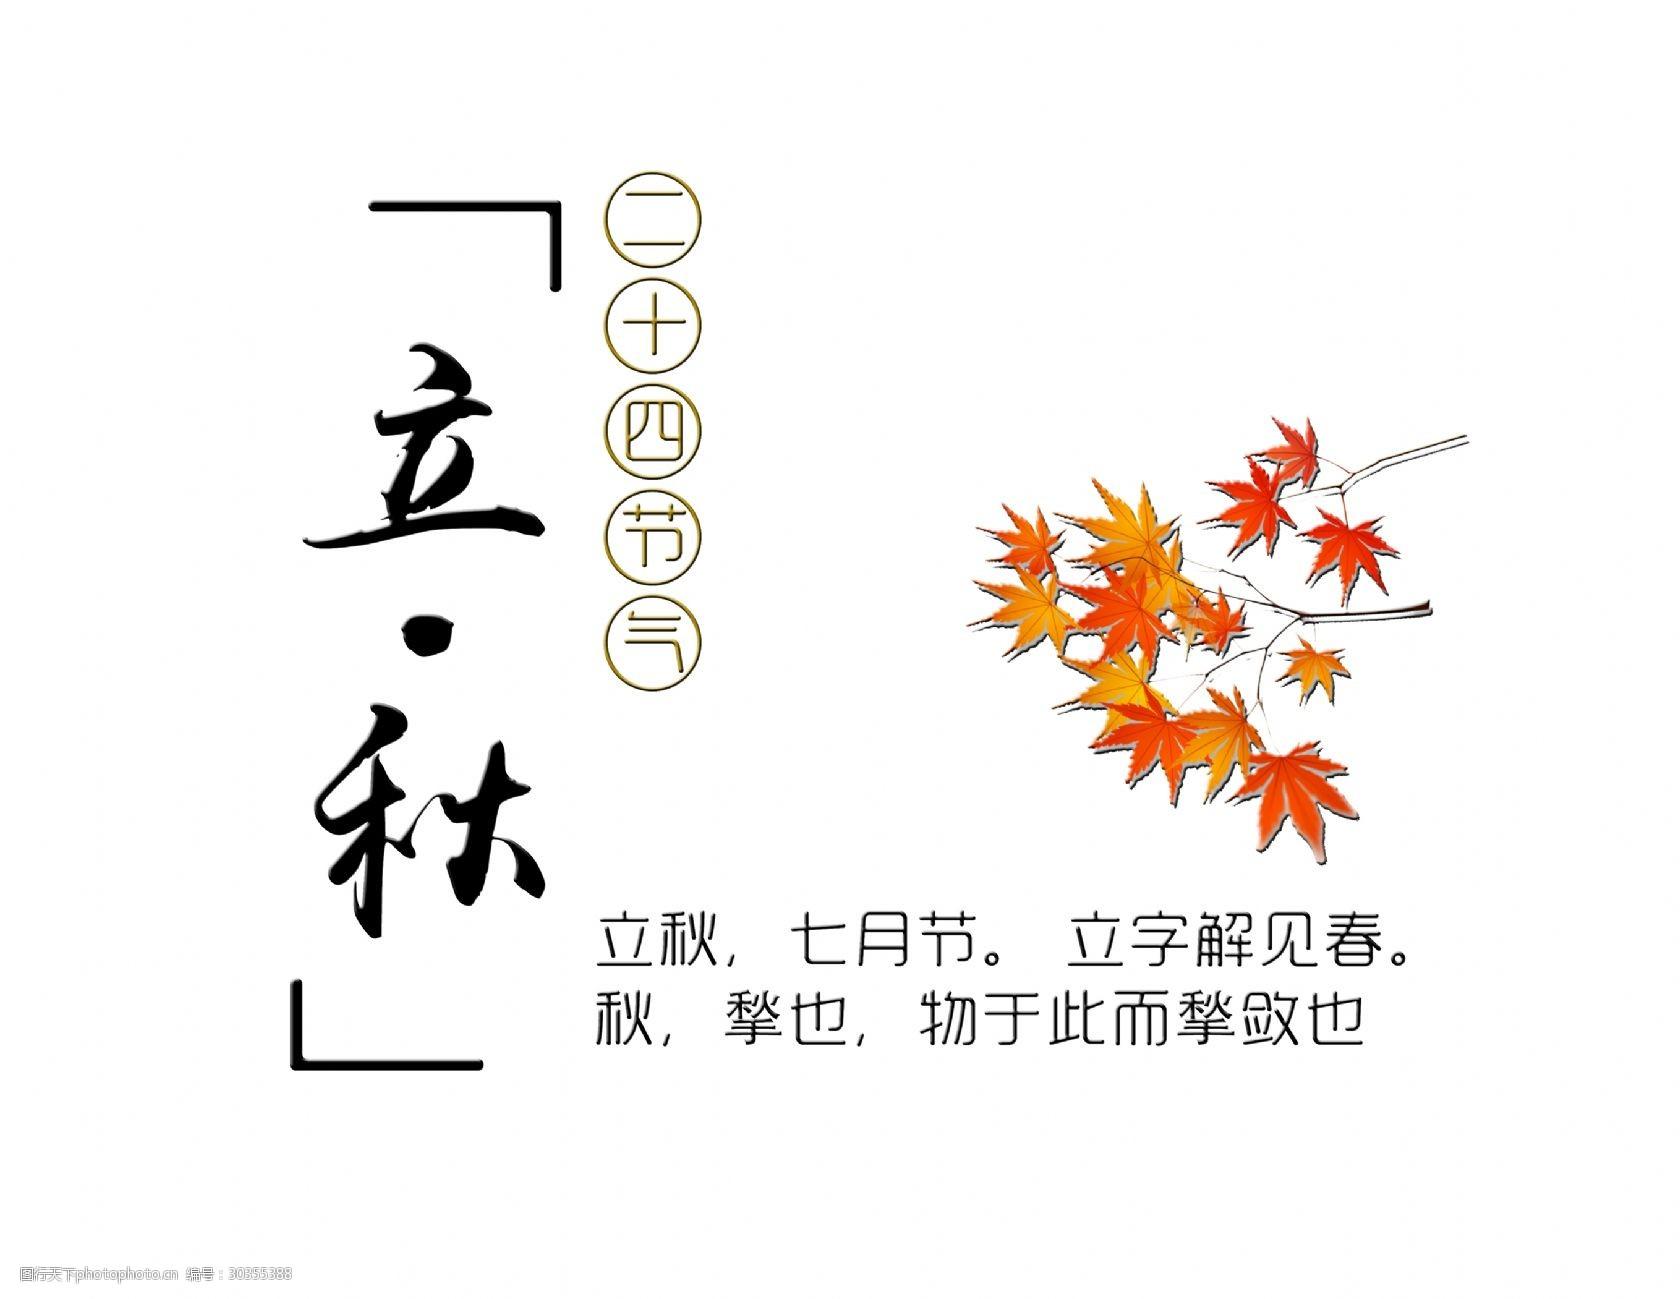 立秋车身字体艺术字树叶v车身江苏节气广告设计哪家好图片